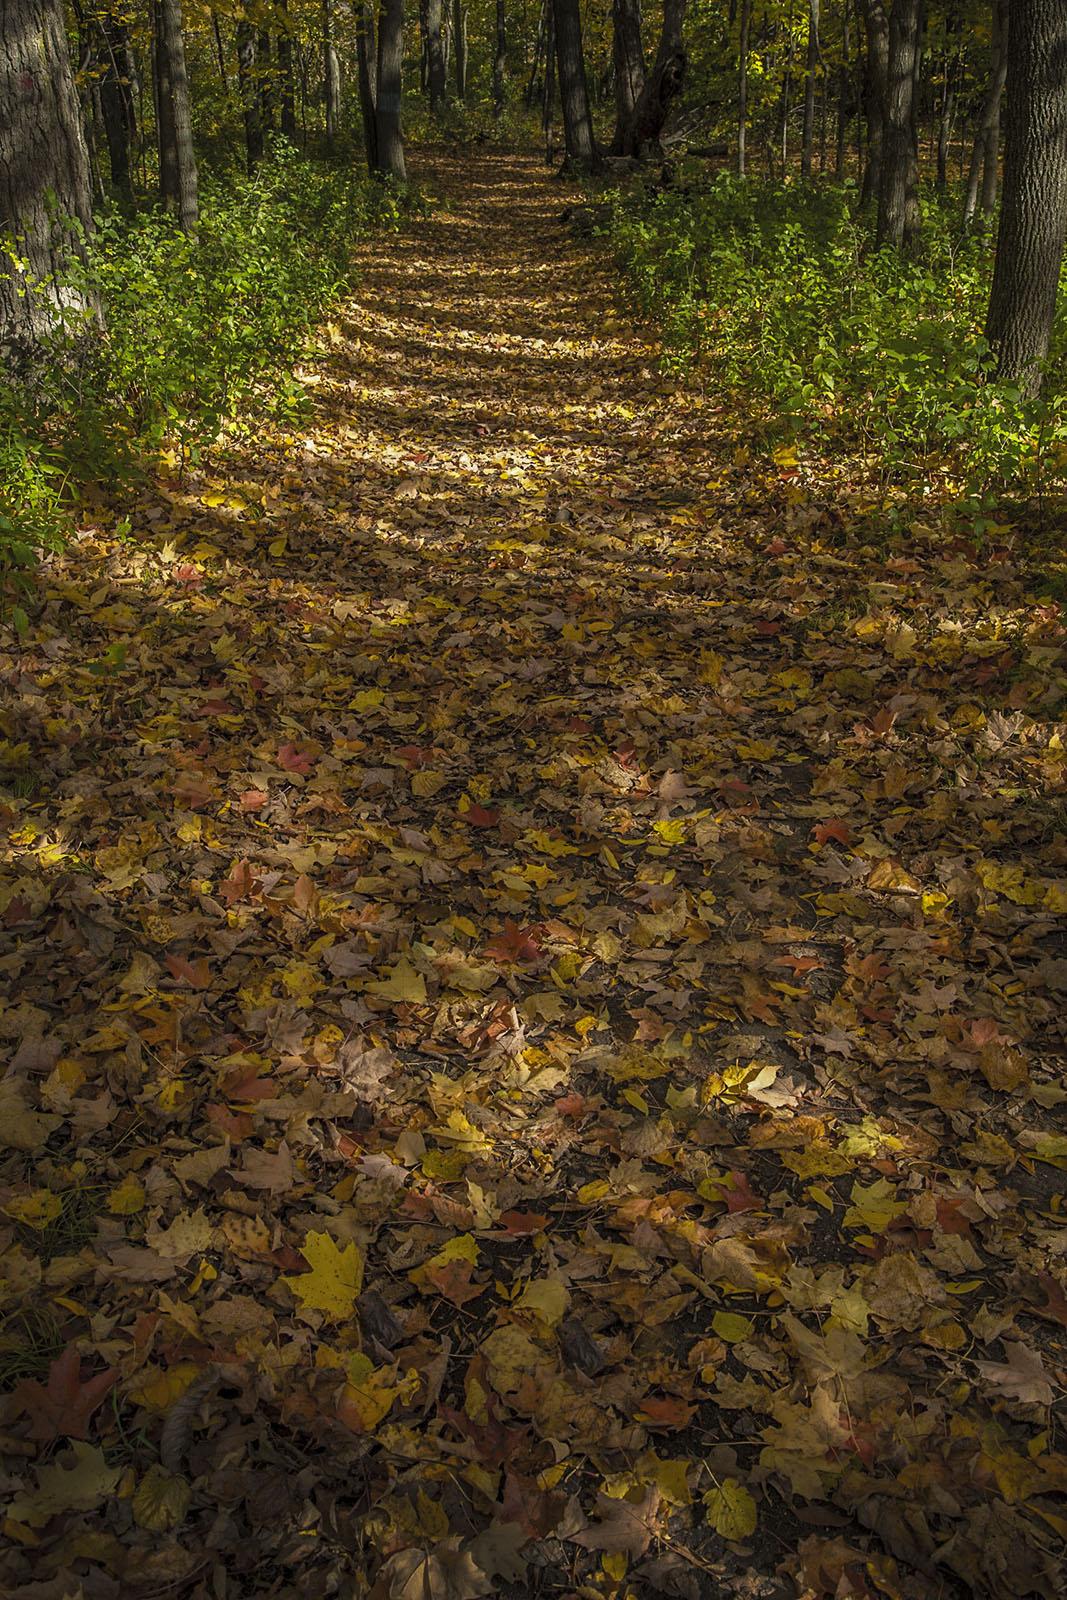 Trail of Fallen Leaves